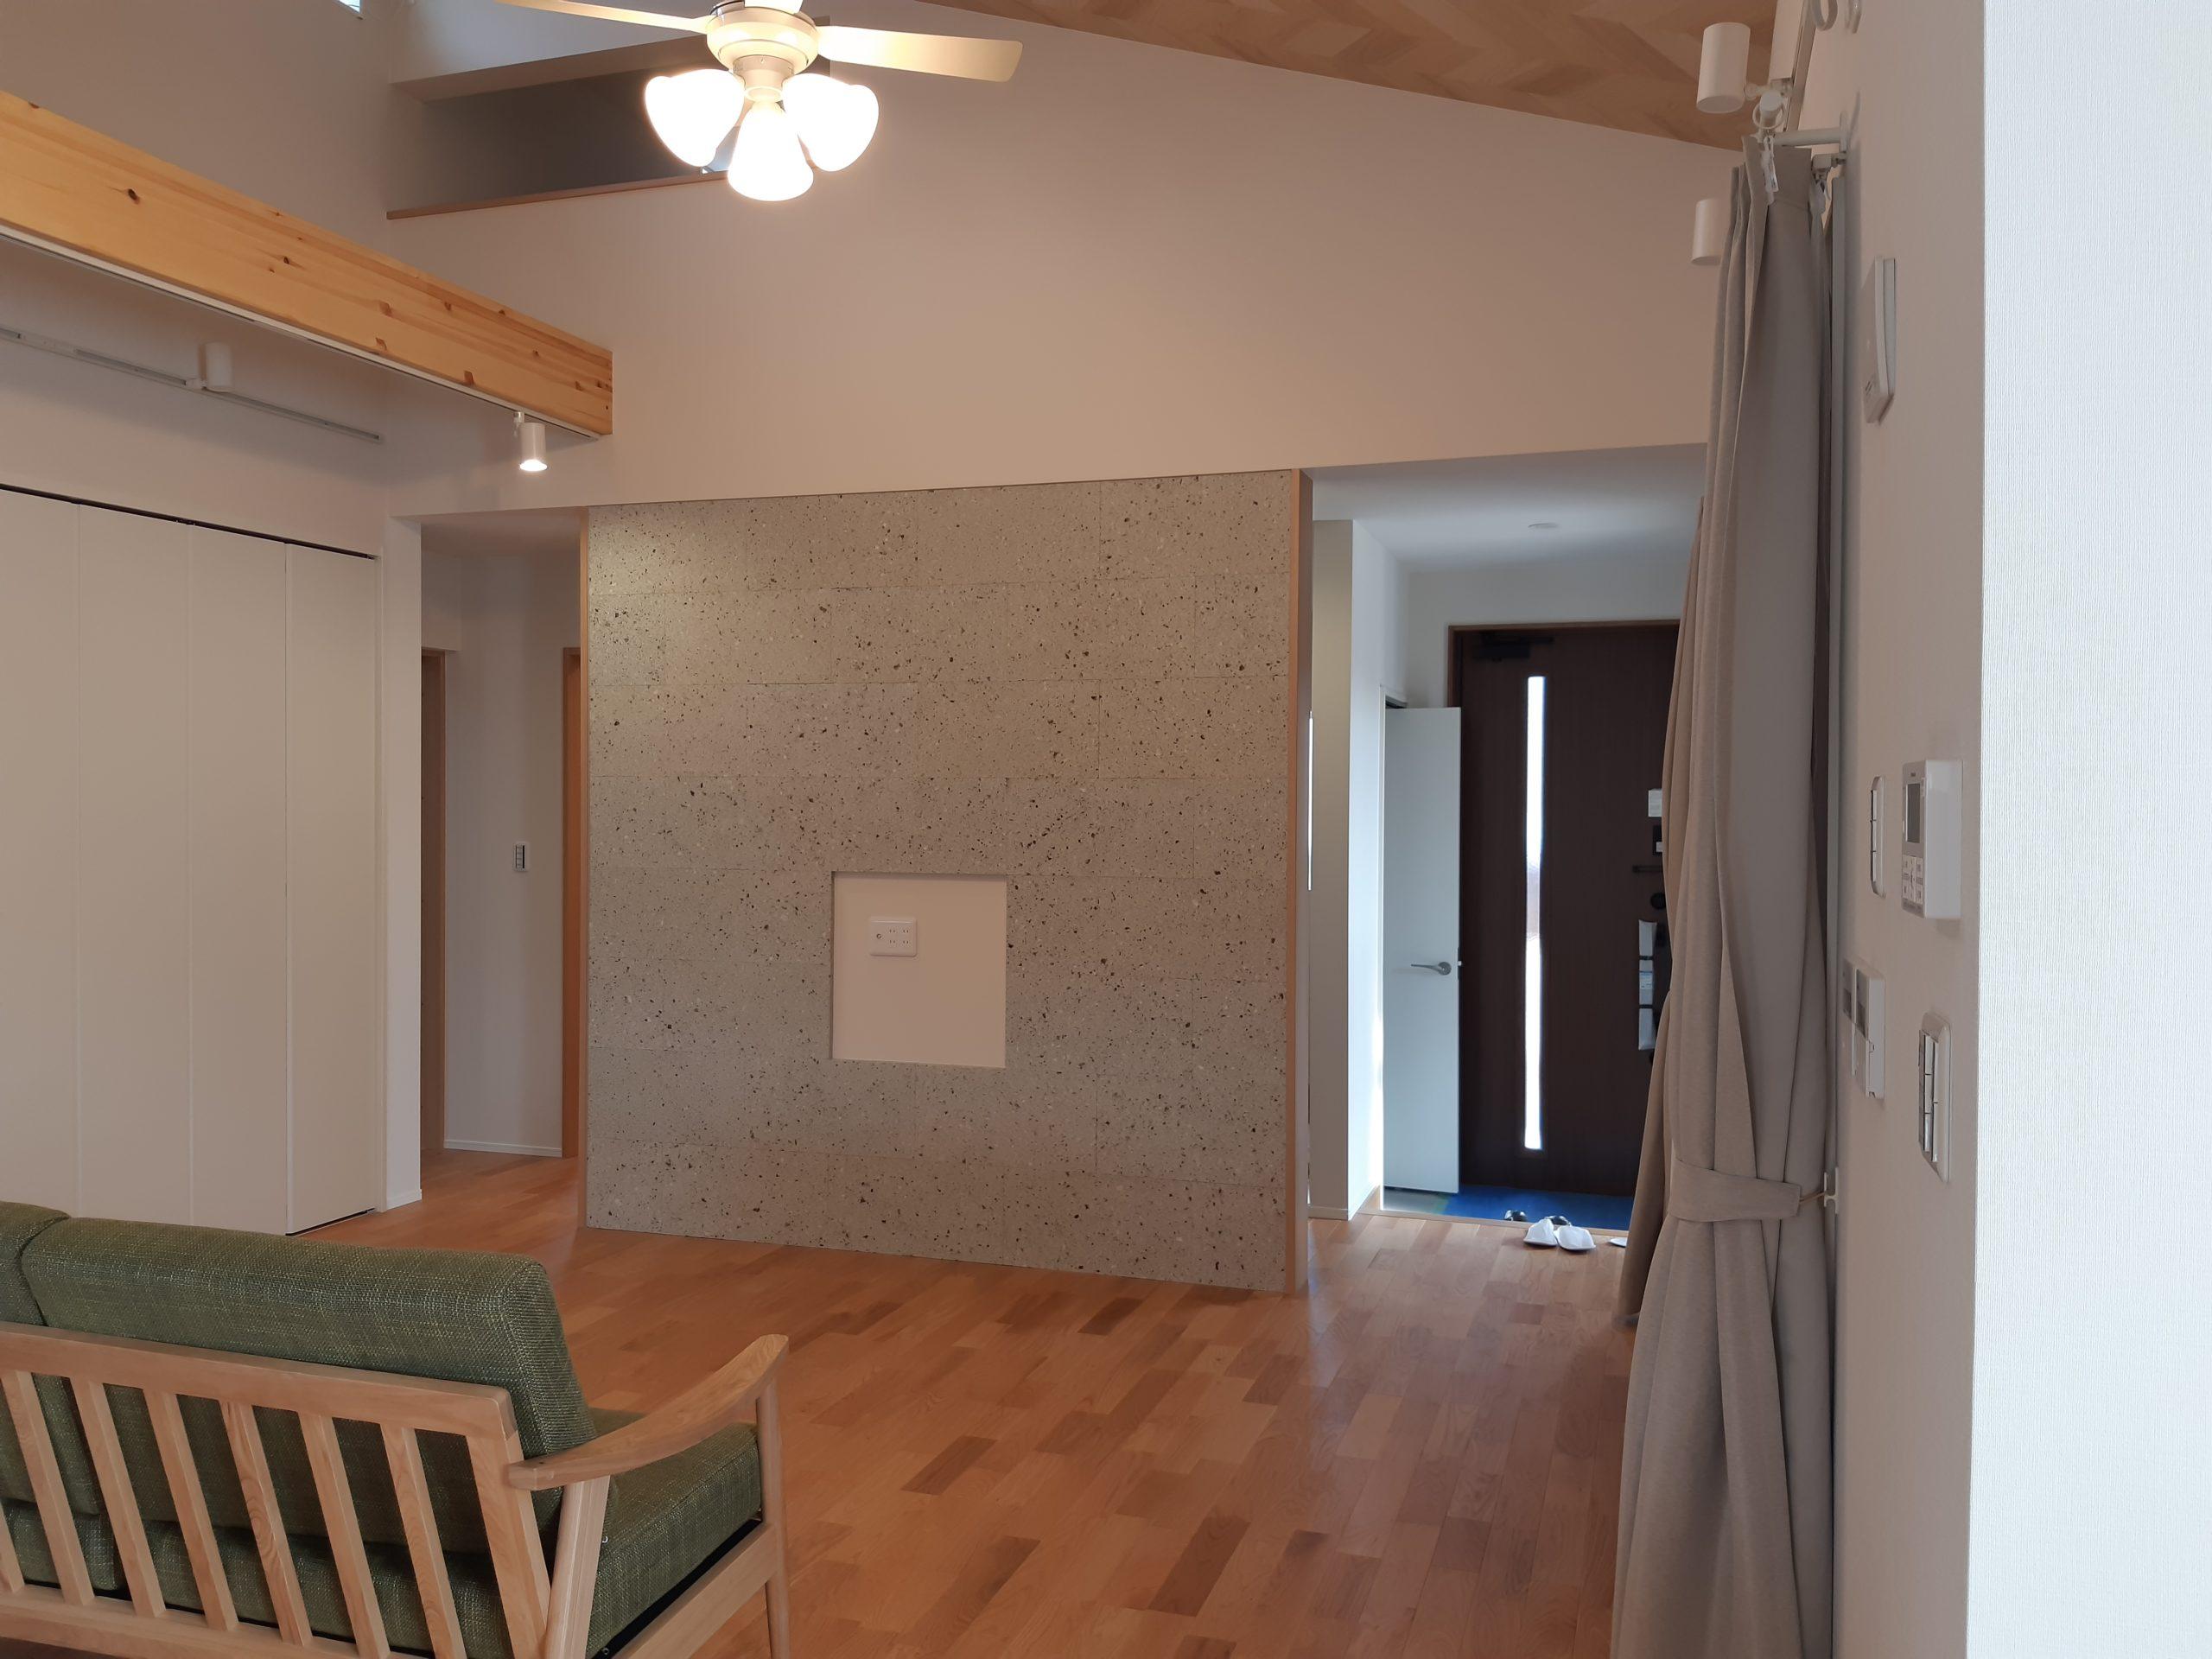 大谷石細目ダイヤ挽きの厚み20×300×600を使用し、リビングと玄関ホールの壁面に施工しました。